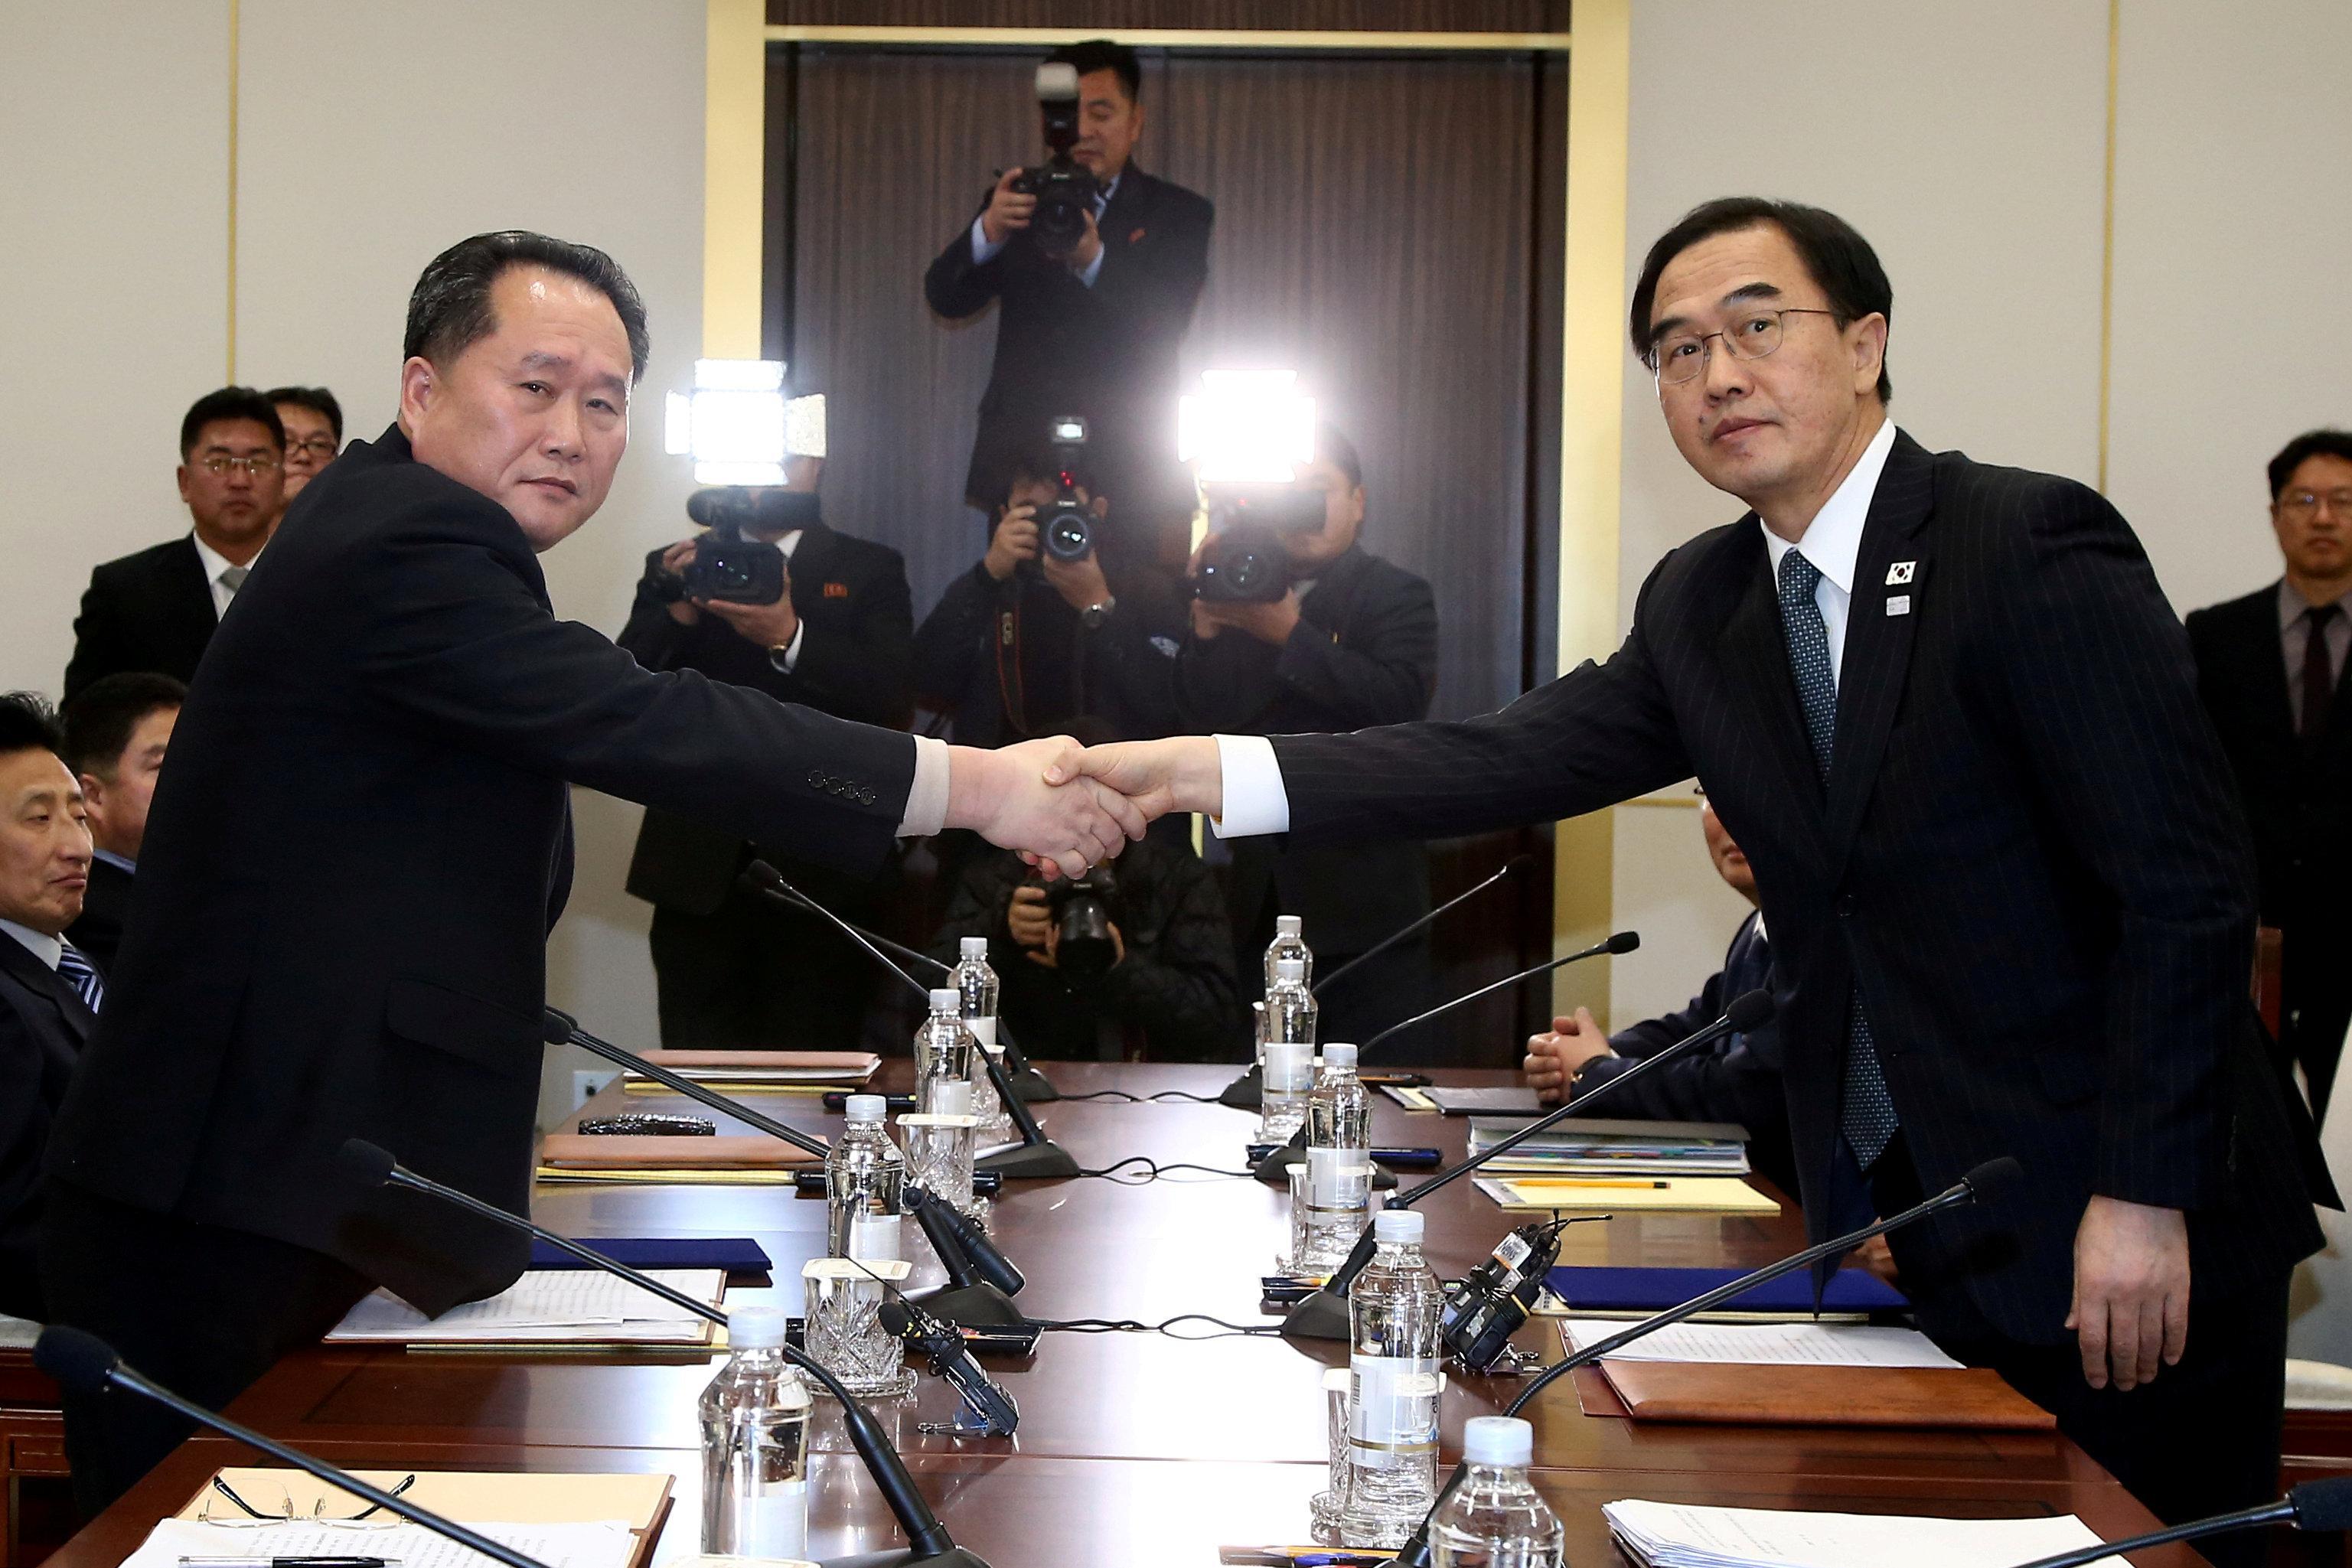 Las cuestiones de seguridad y verificación se ciernen sobre el plan de Corea del Norte para cerrar un sitio nuclear